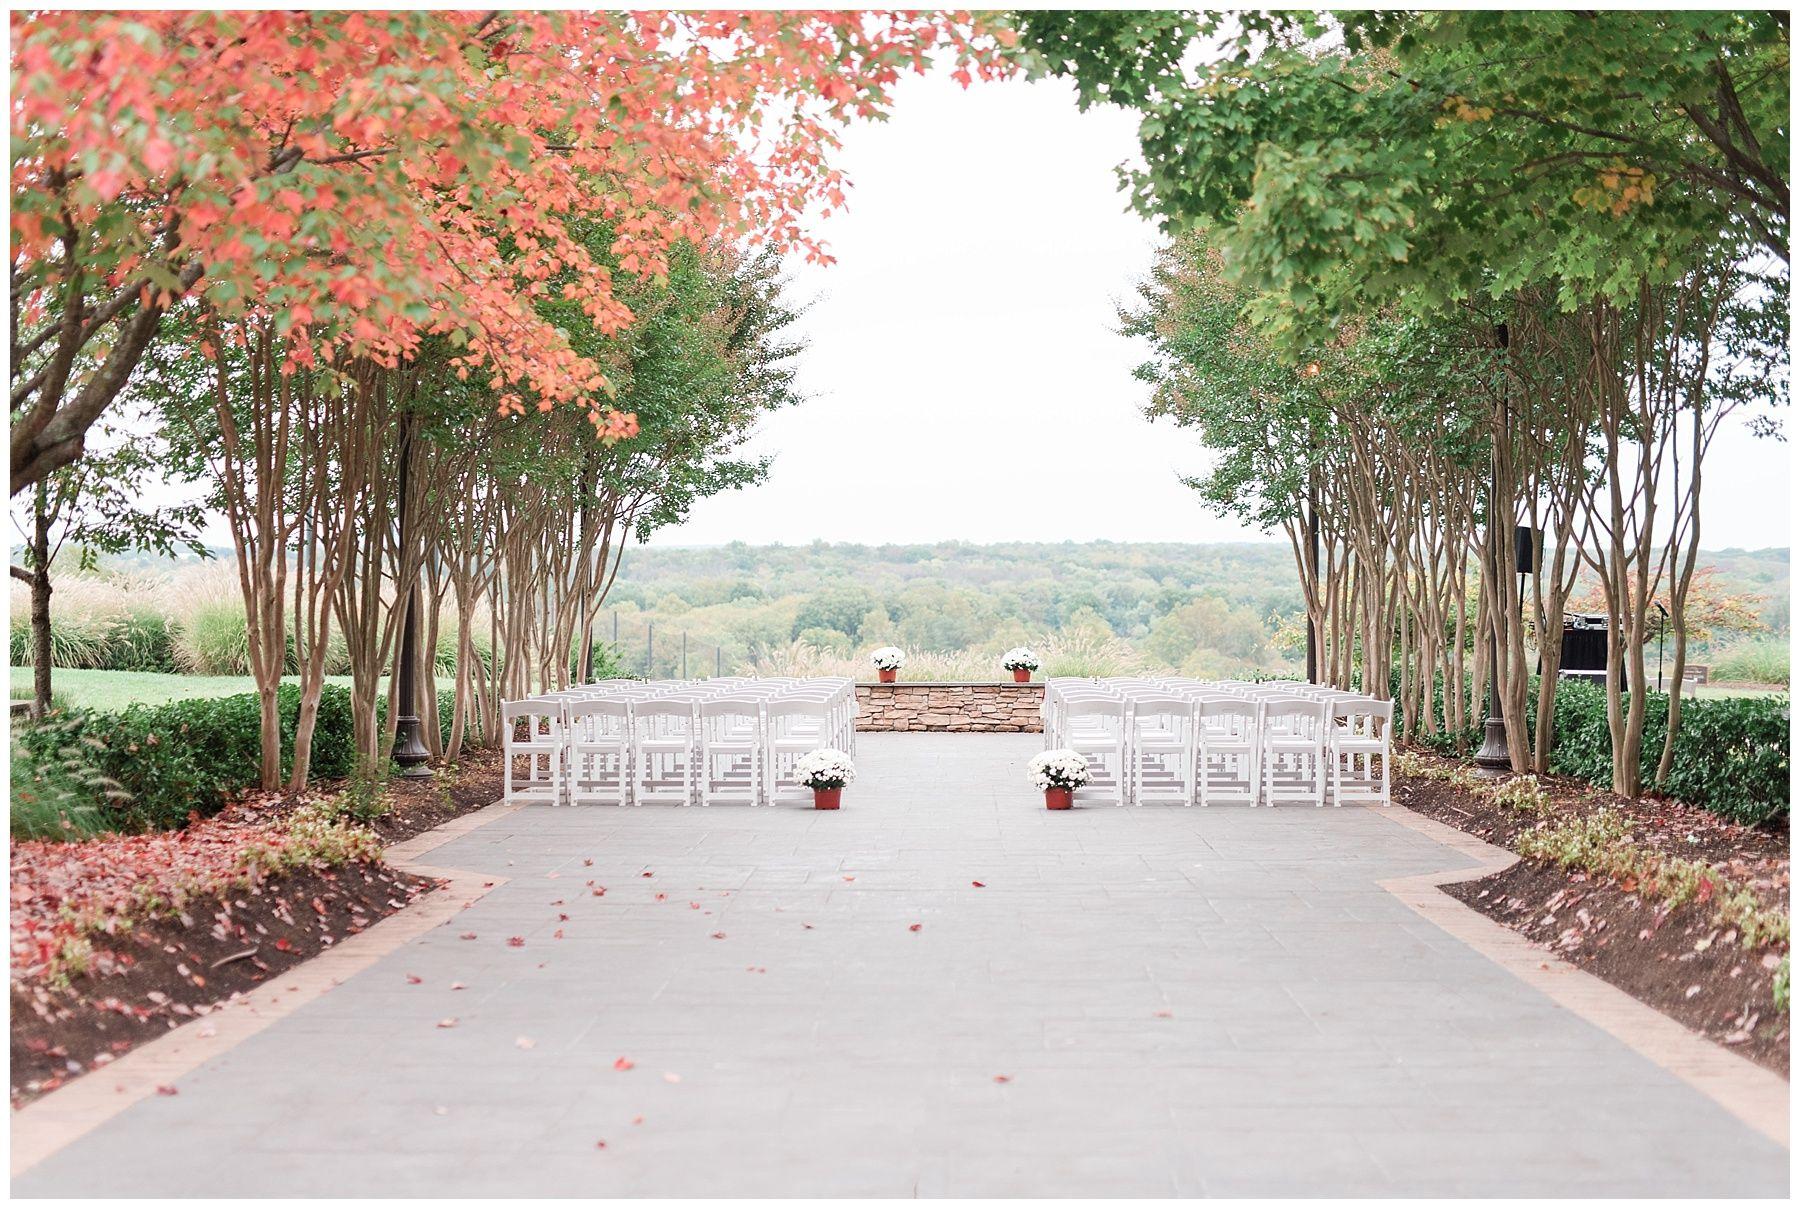 The Best Northern Virginia Wedding Venues in 2020 ...